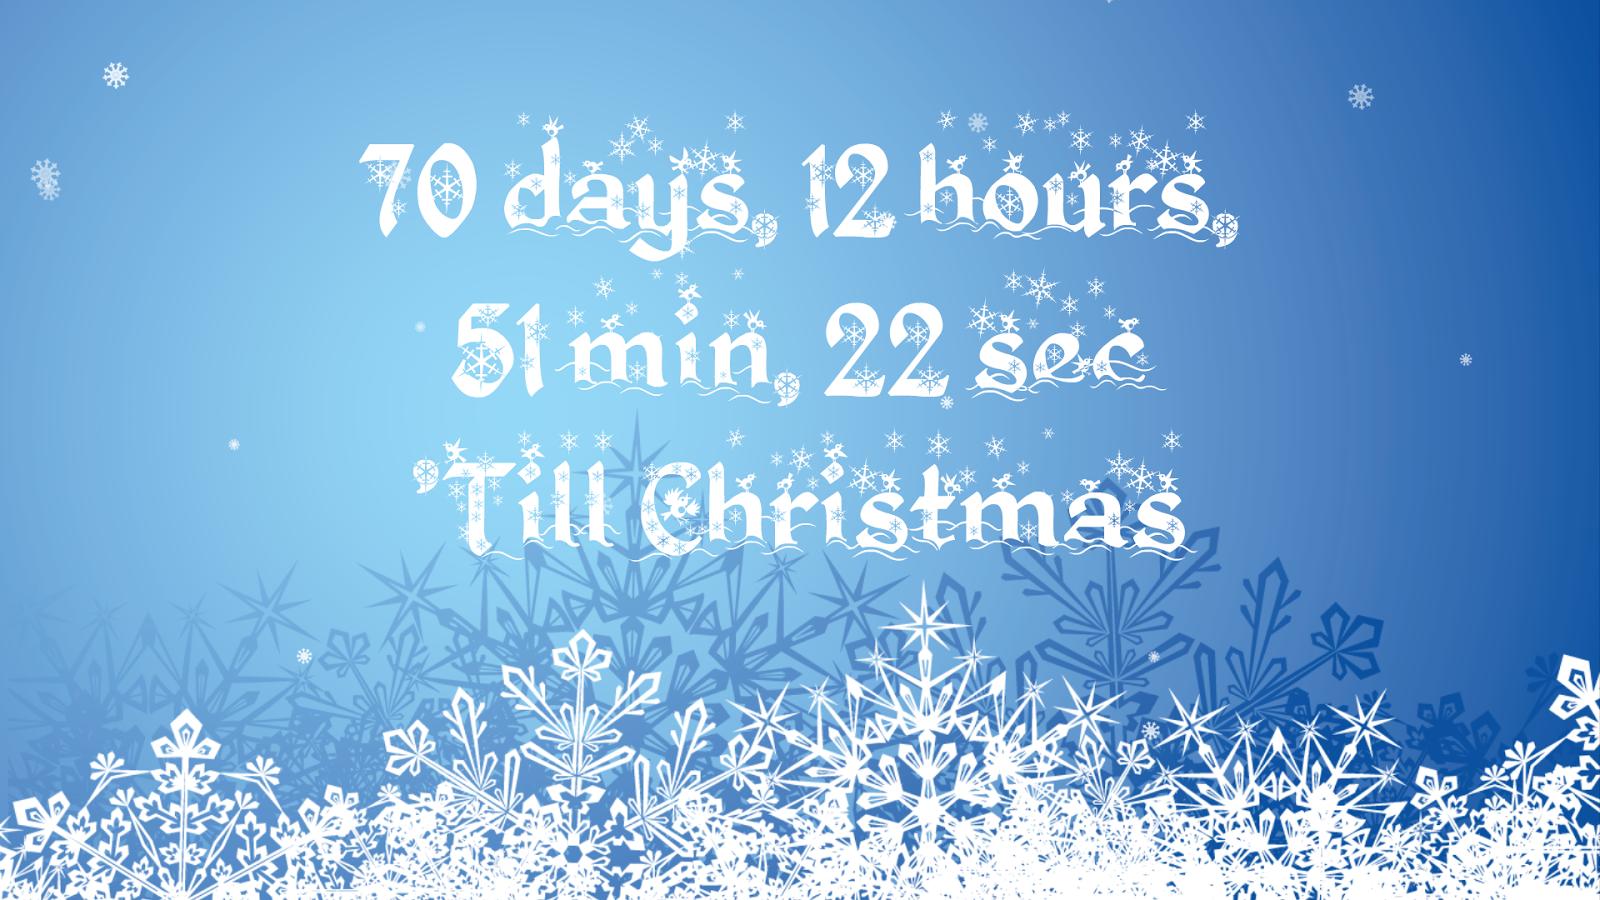 Christmas Countdown Screen Savers.Christmas Countdown Screensaver Christmas Day Countdown